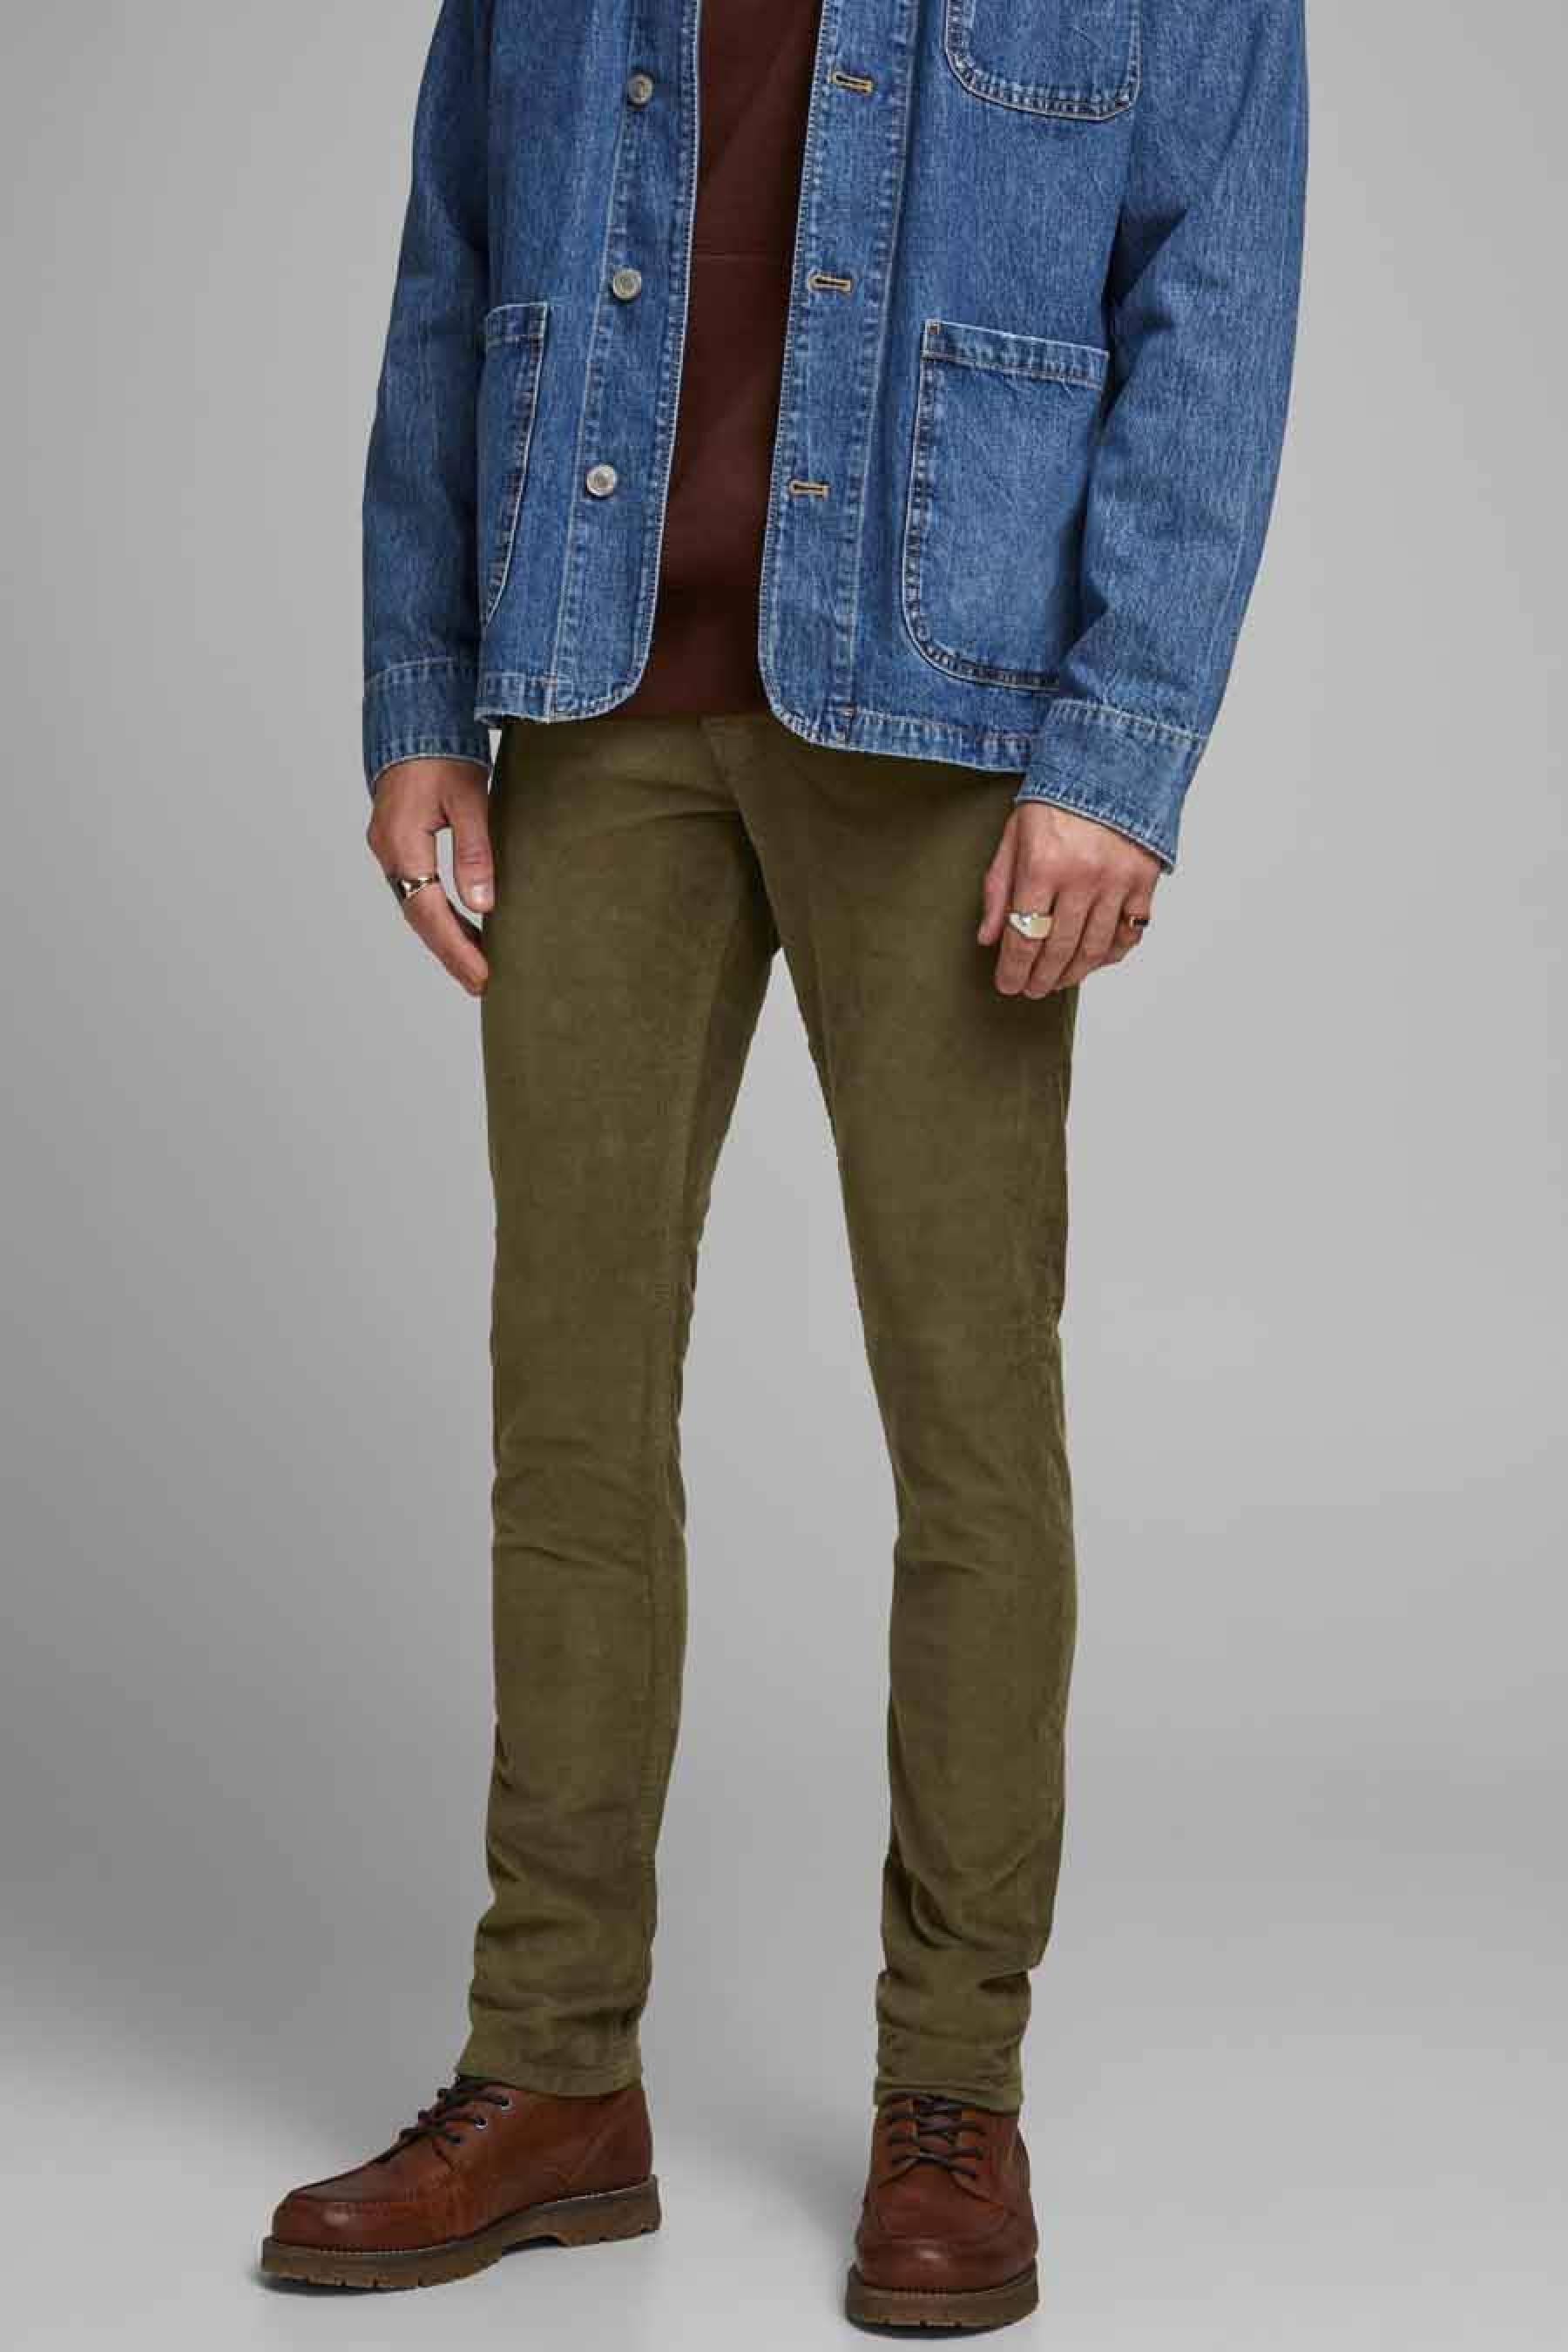 Jack & Jones Jeans Intelligenc Broek, Bruin, Heren, Maat: 28x32